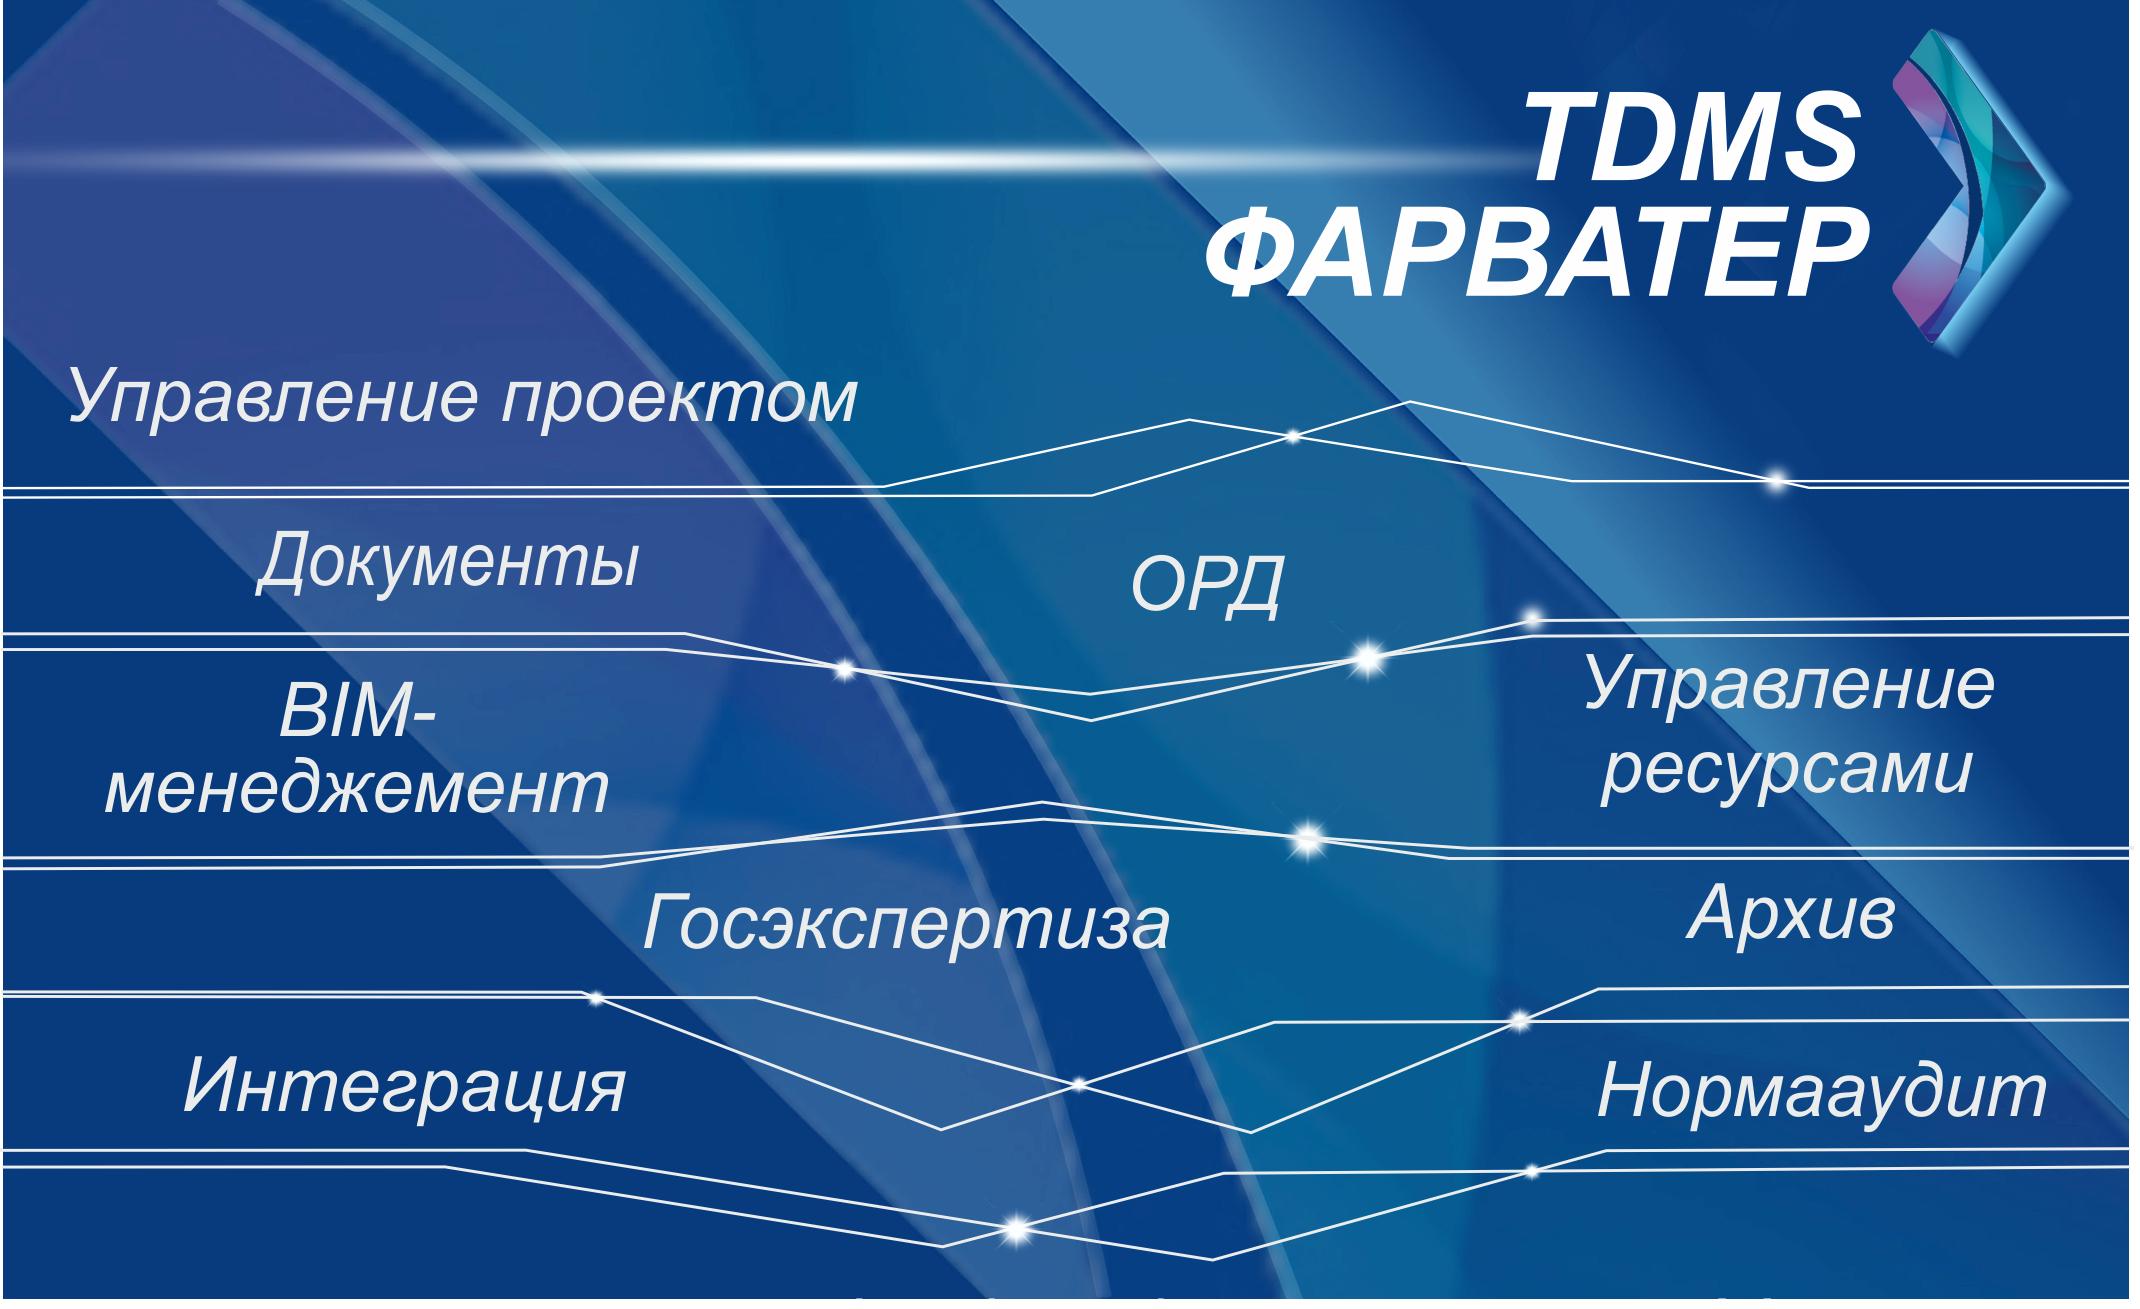 Серия вебинаров по системе технического документооборота TDMS Фарватер - 1